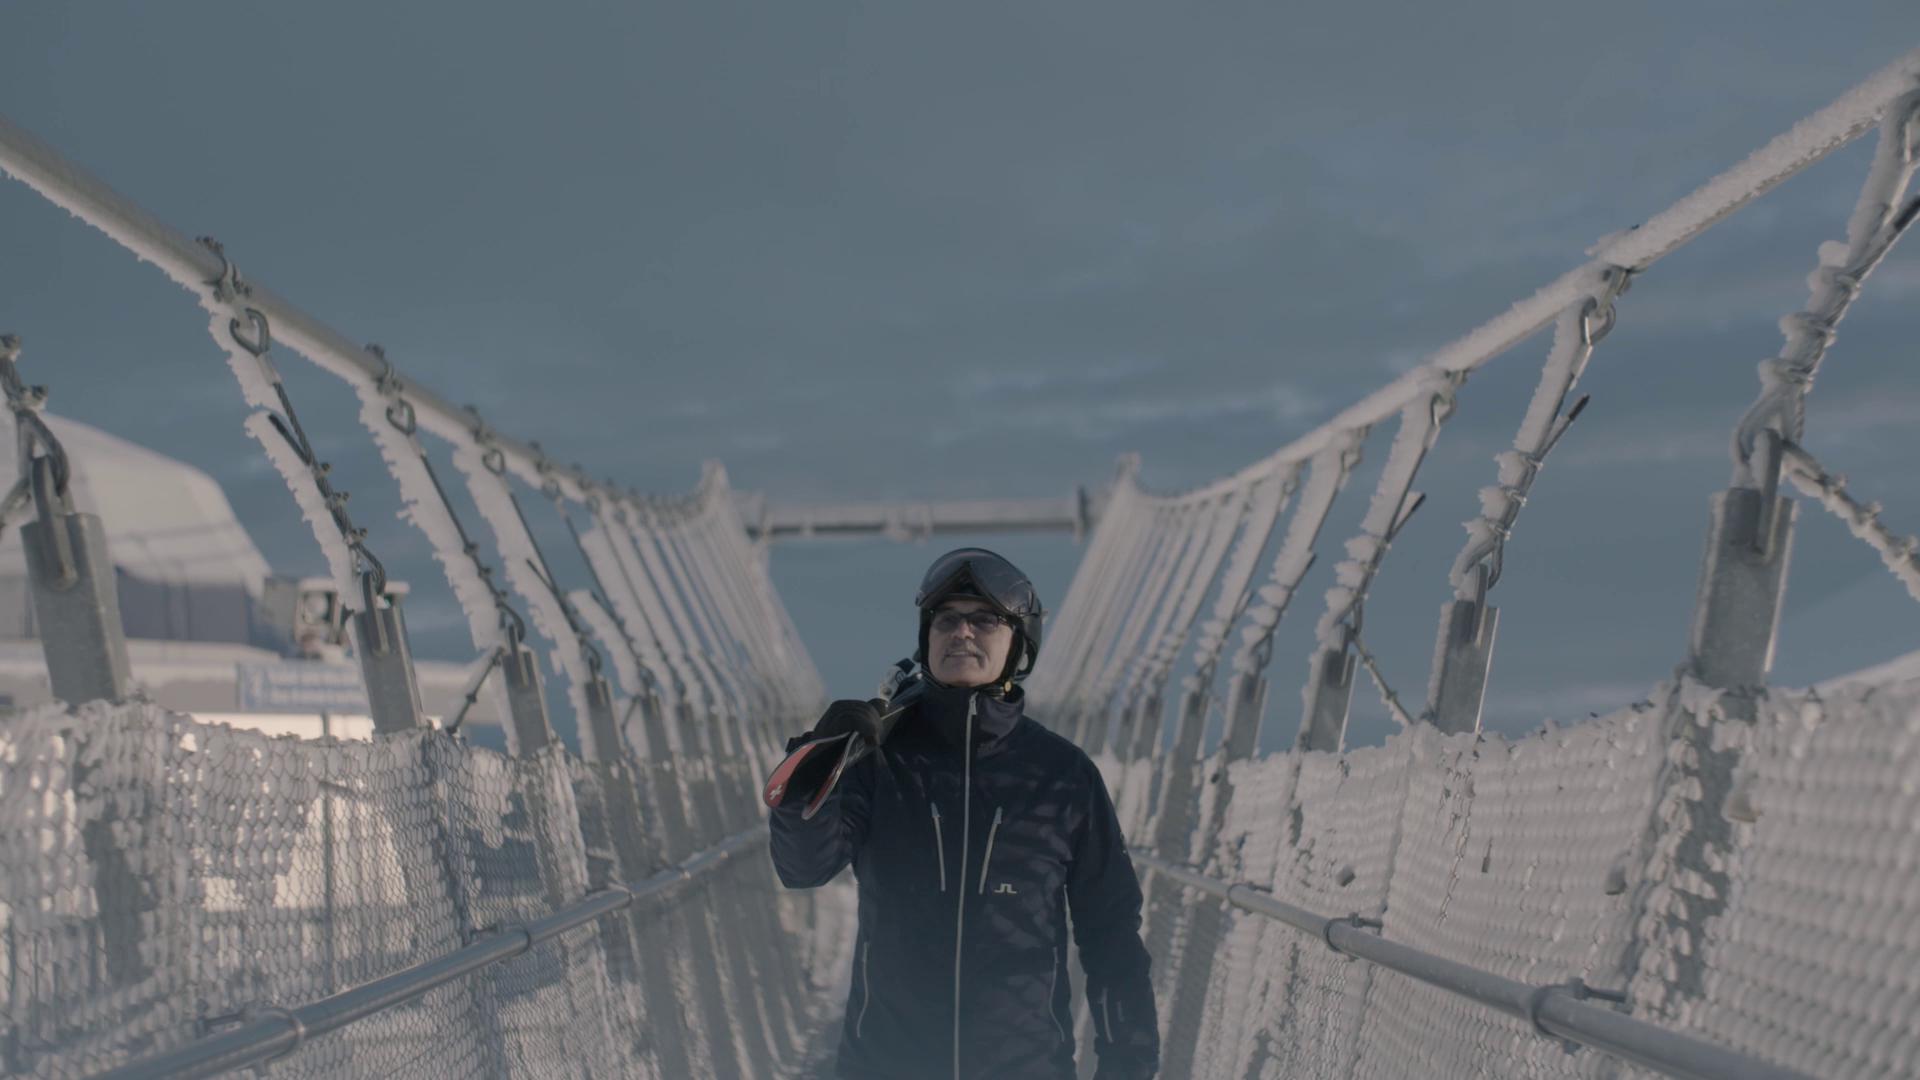 «Der weltweit erste digitale Ski.» Thomas Koller von «five star».